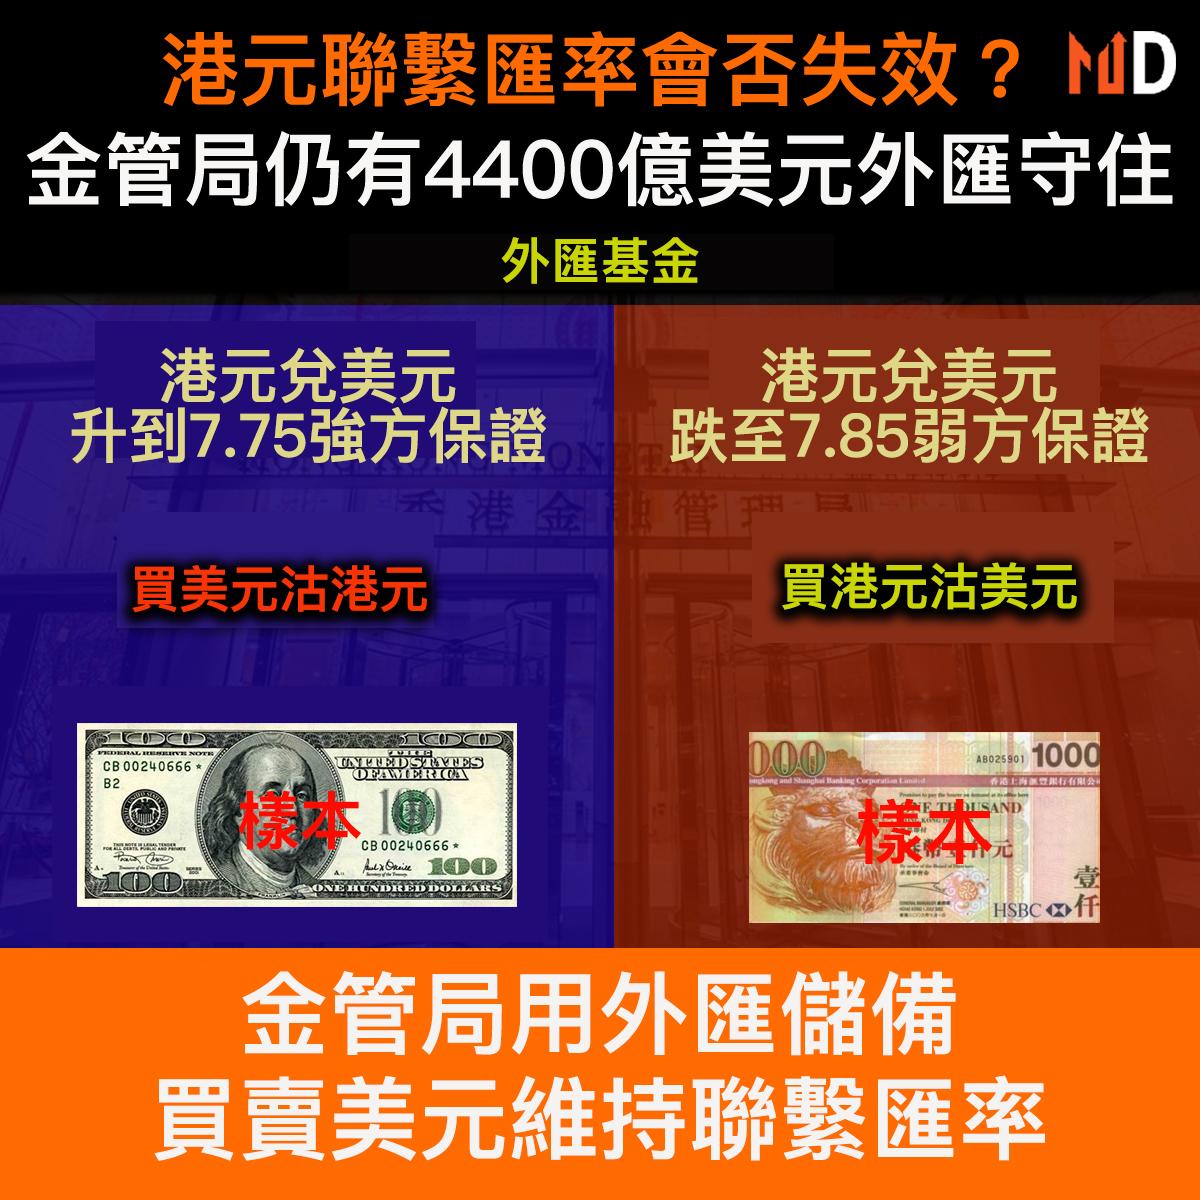 【市場熱話】港元聯繫匯率會否失效?金管局仍有4400億美元外匯守住